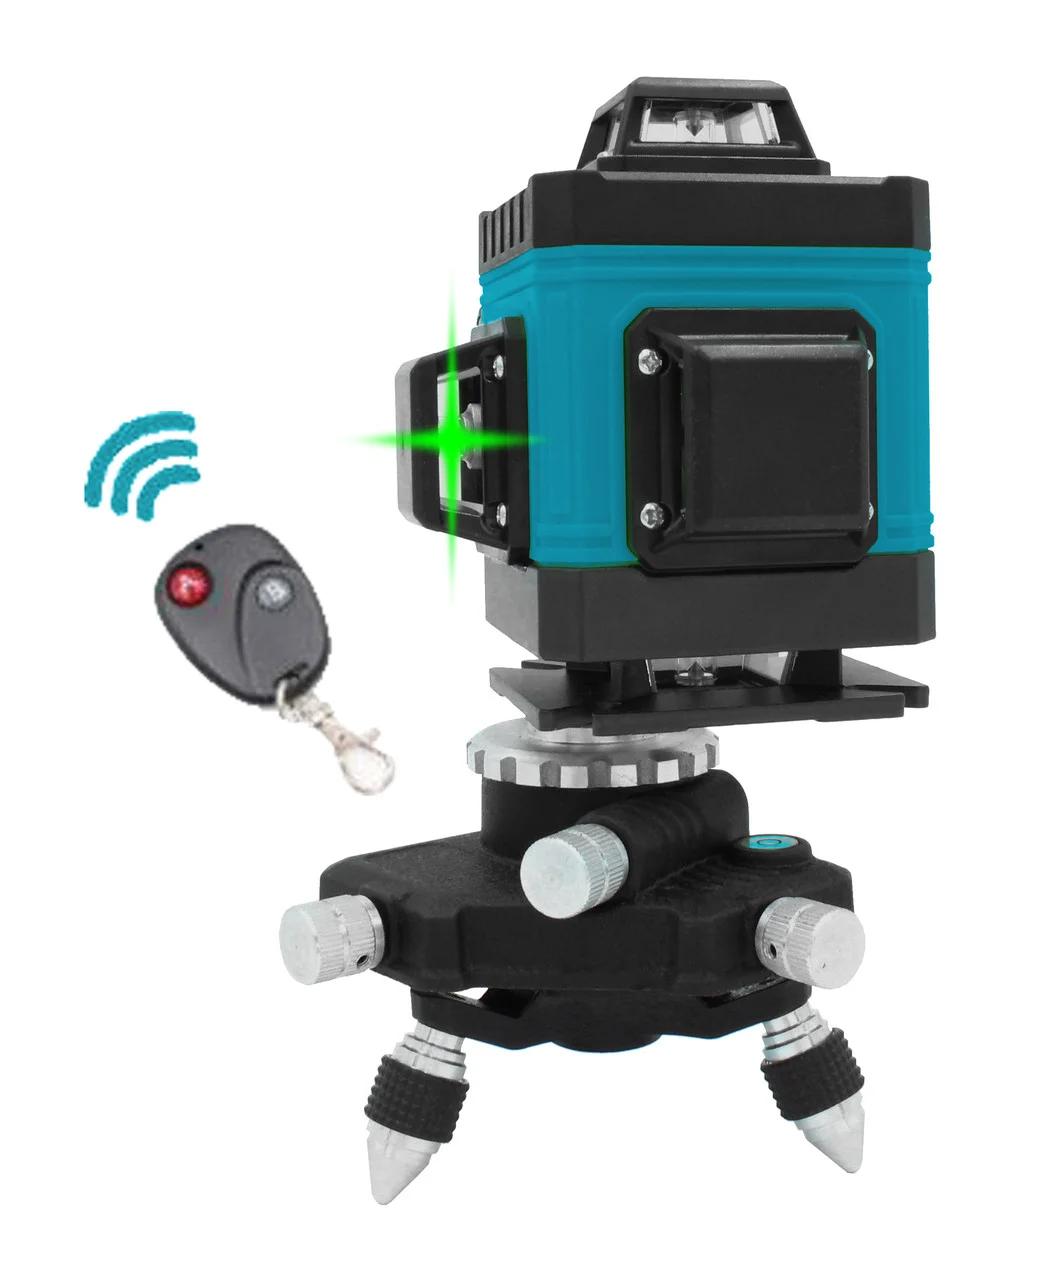 4D лазерний нівелір KRAISSMANN 16 4D-LLA 25 RG (зелений промінь). Лазерний нівелір Крайсман